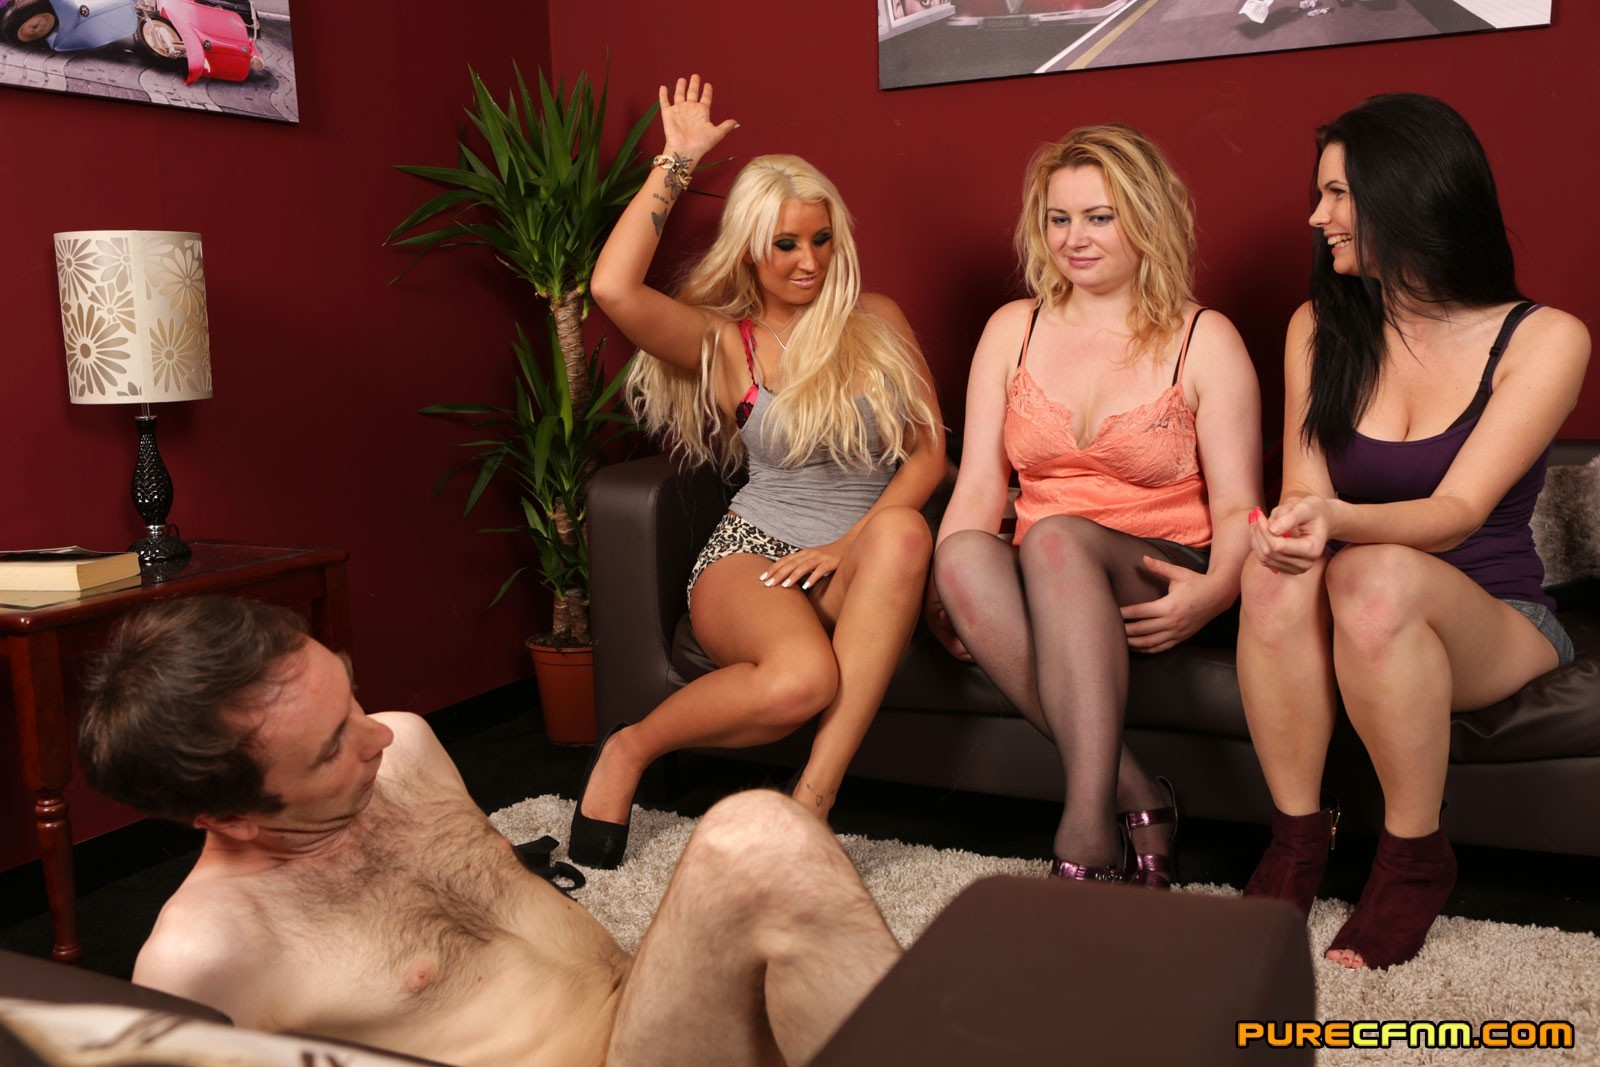 Три женщины и безвольный мужчина